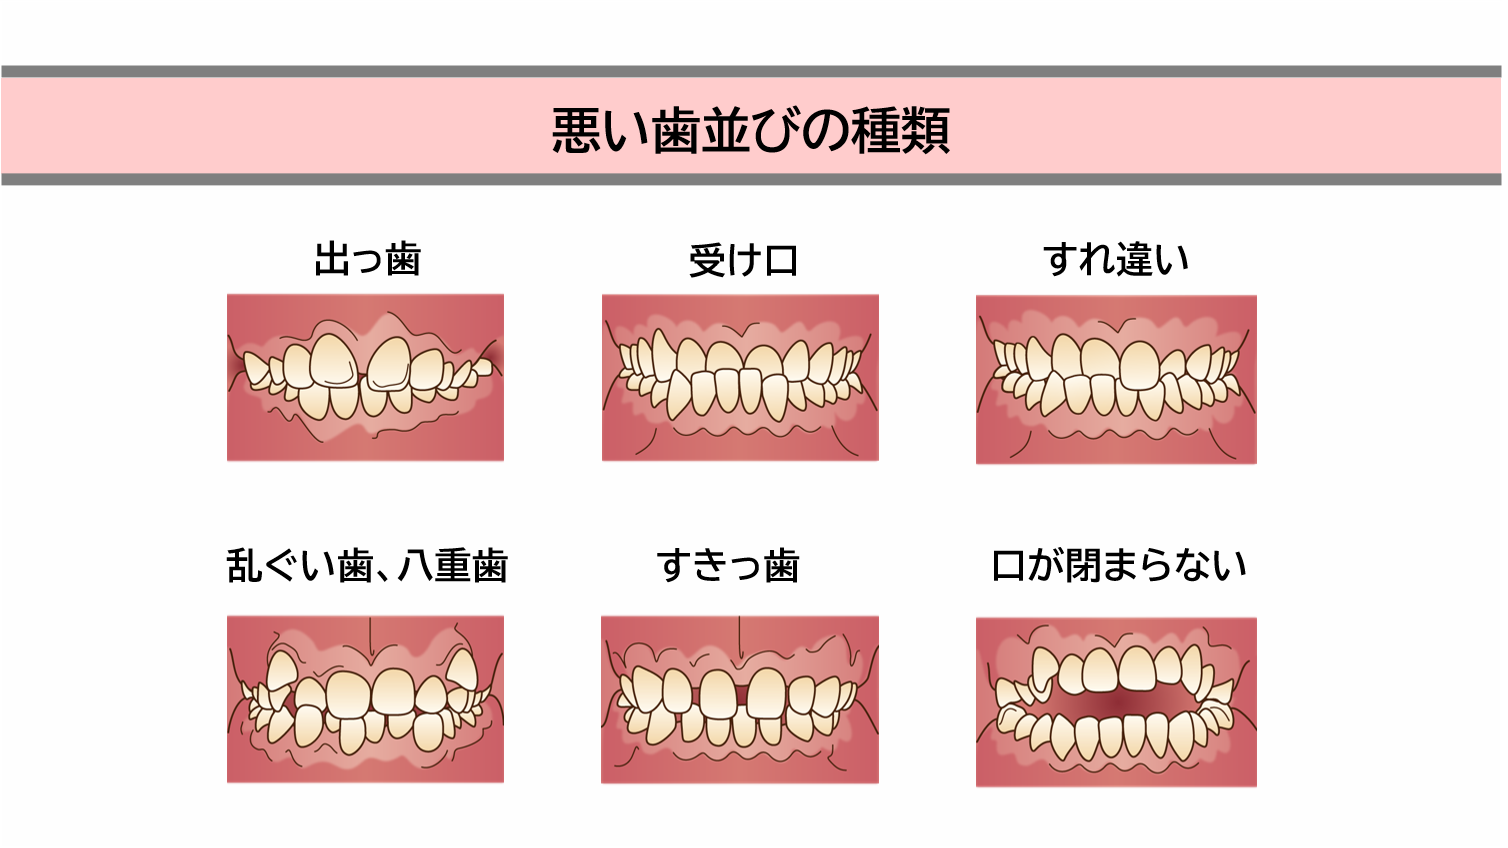 悪い歯並びの種類とその原因と弊害